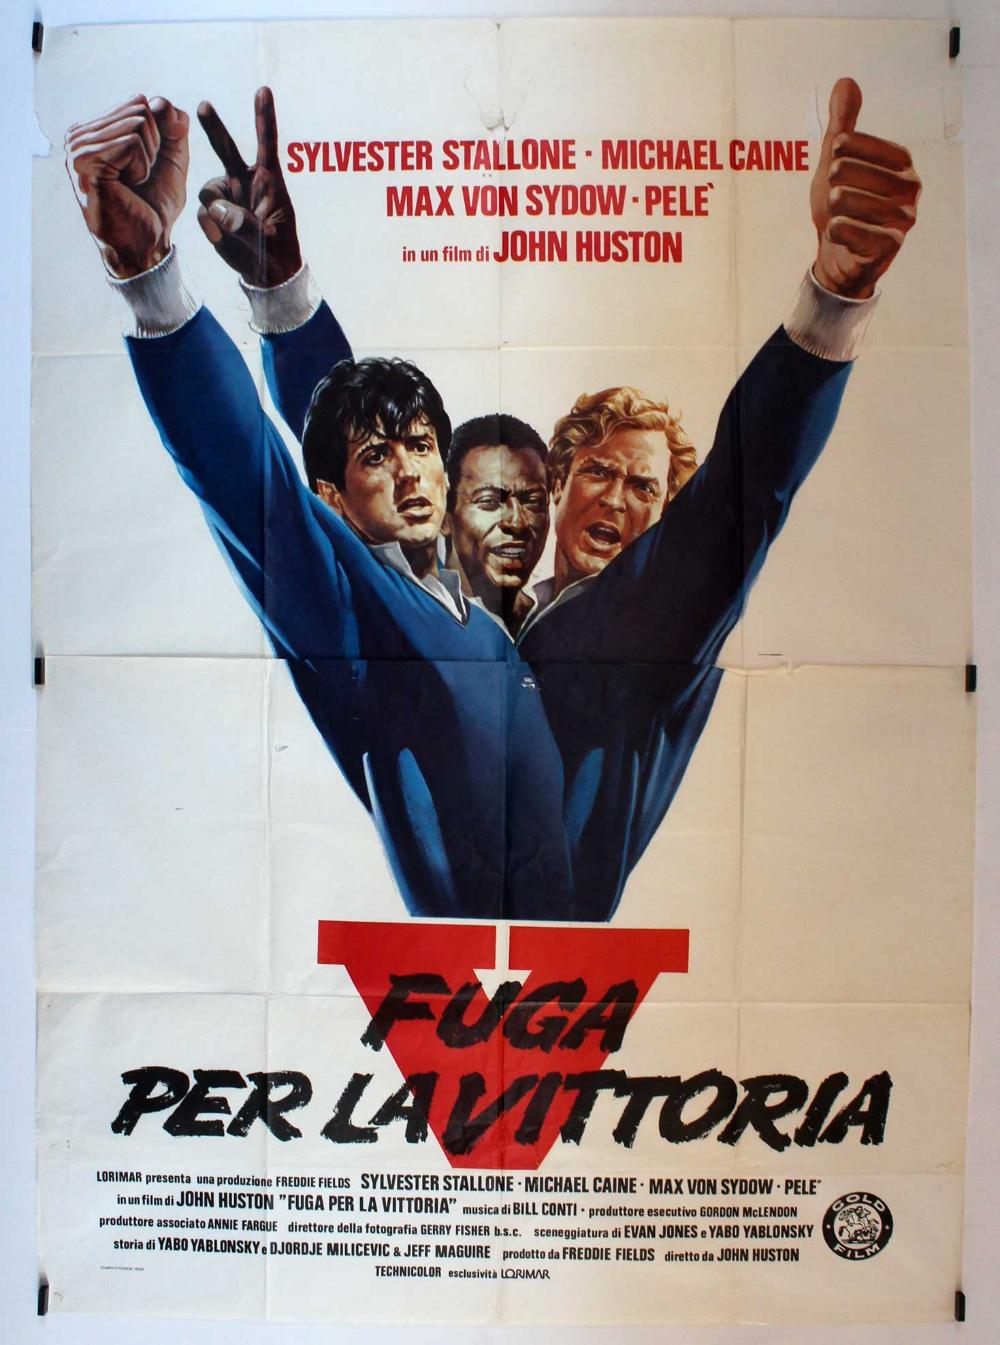 V Fuga Per La Vittoria Sylvester Stallone Stallone Carteles De Cine